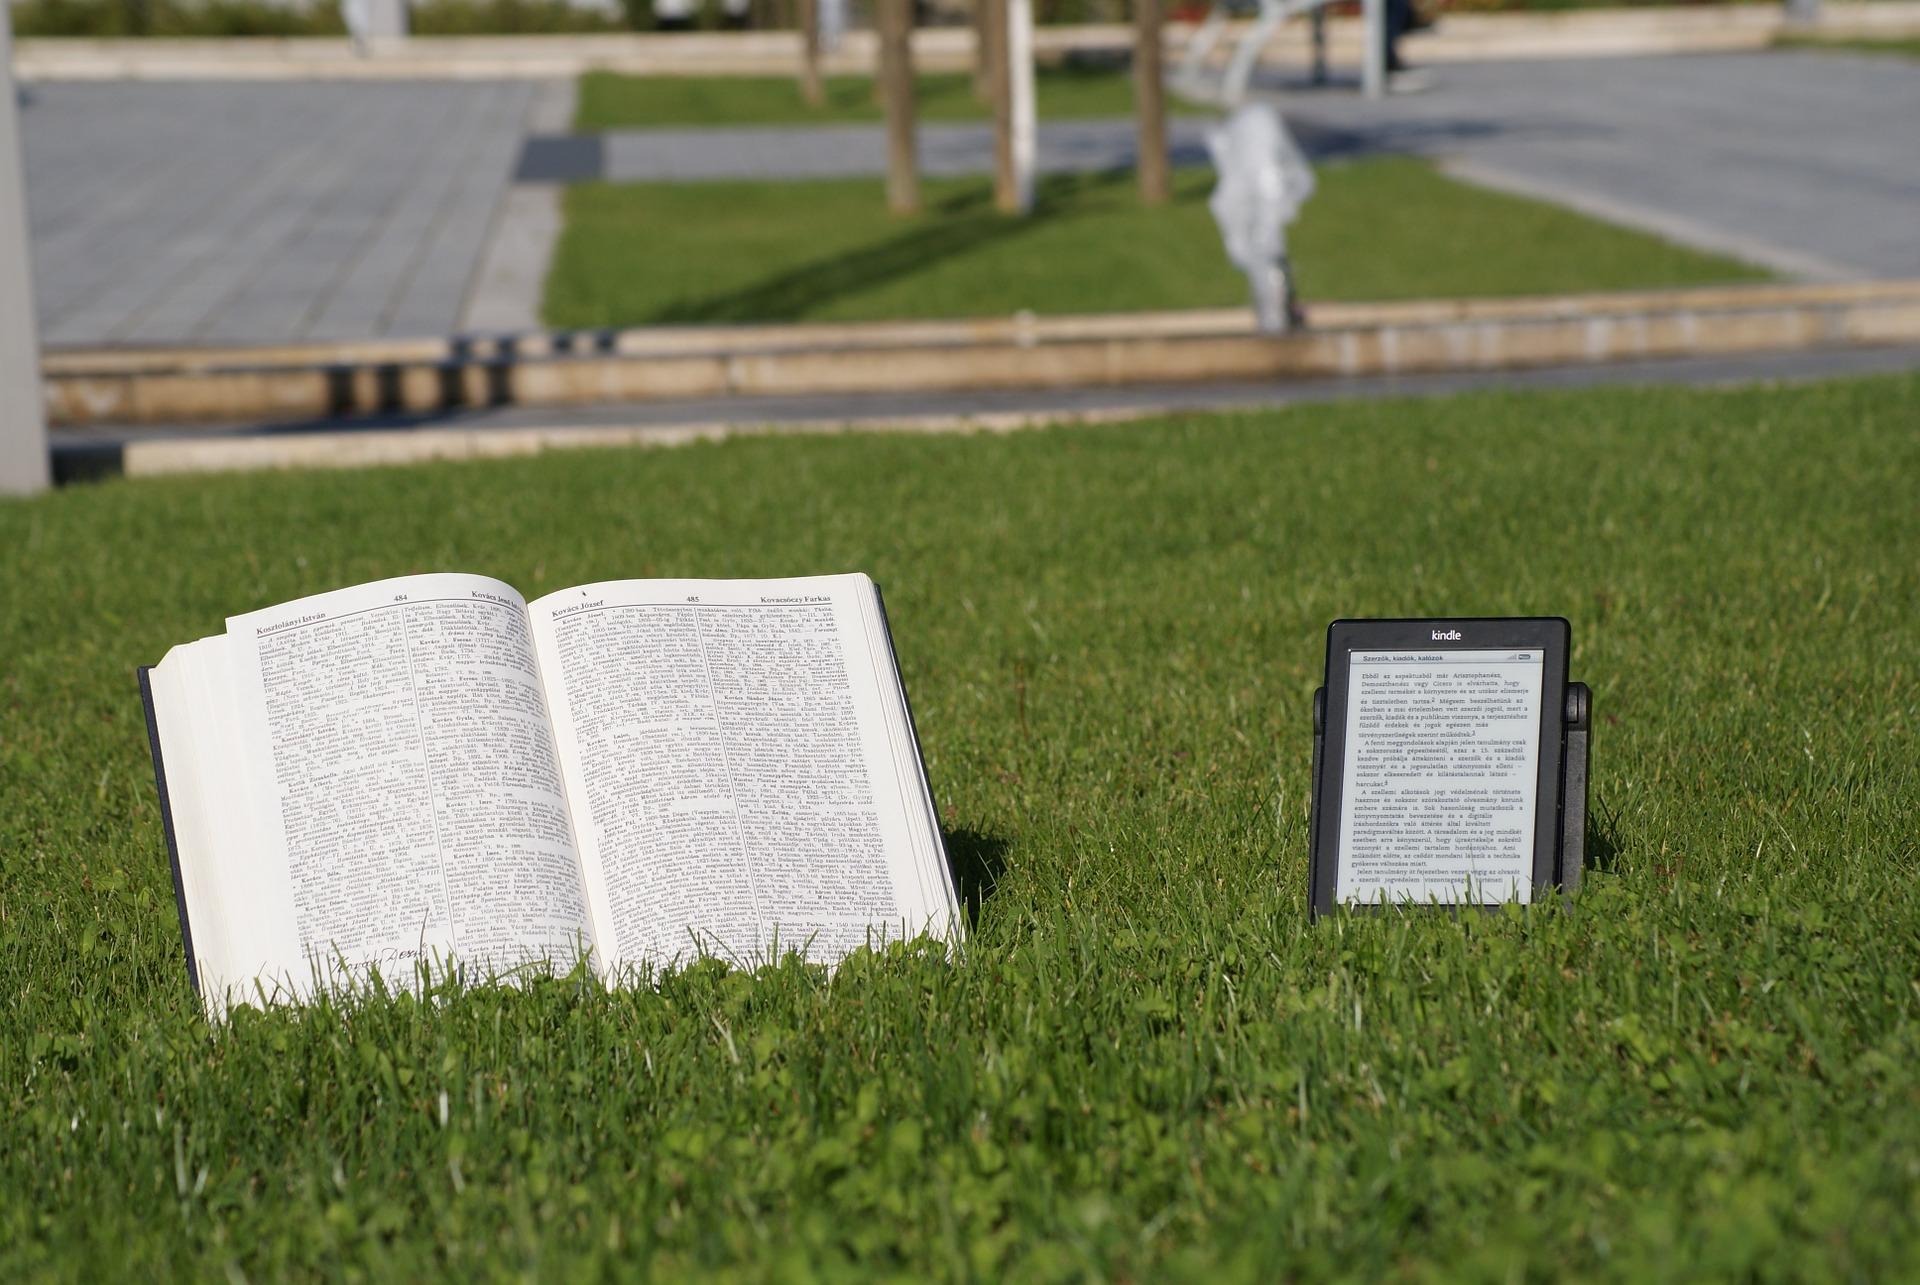 E-BOOK: UTILIZZO, CREAZIONE, PUBBLICAZIONE CONSAPEVOLE